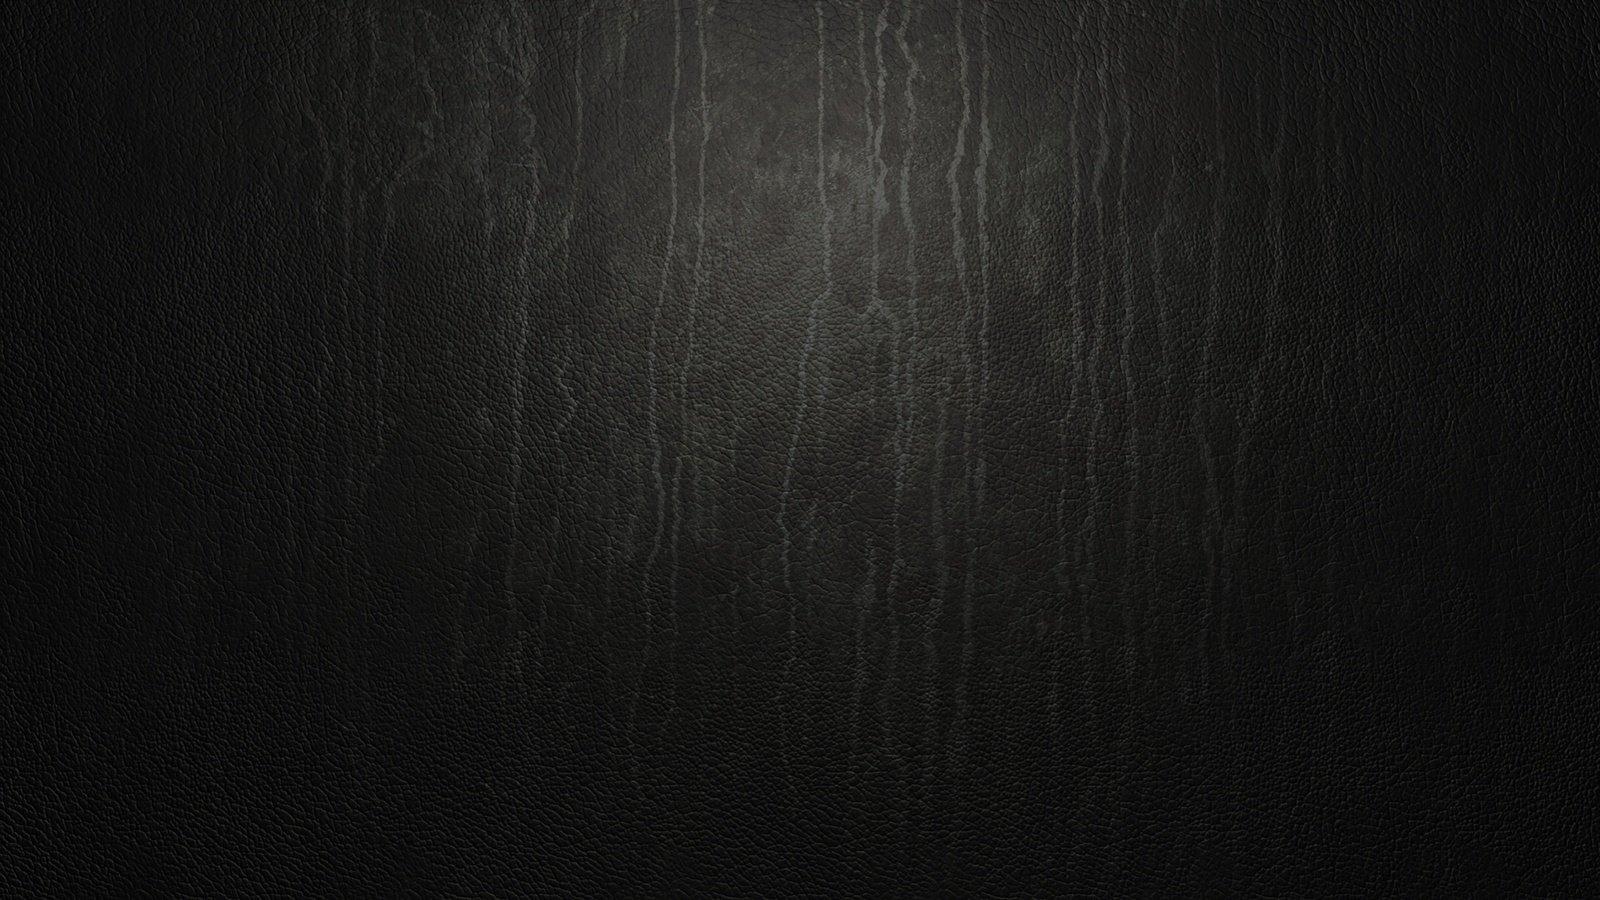 черный фон стена текстура без смс